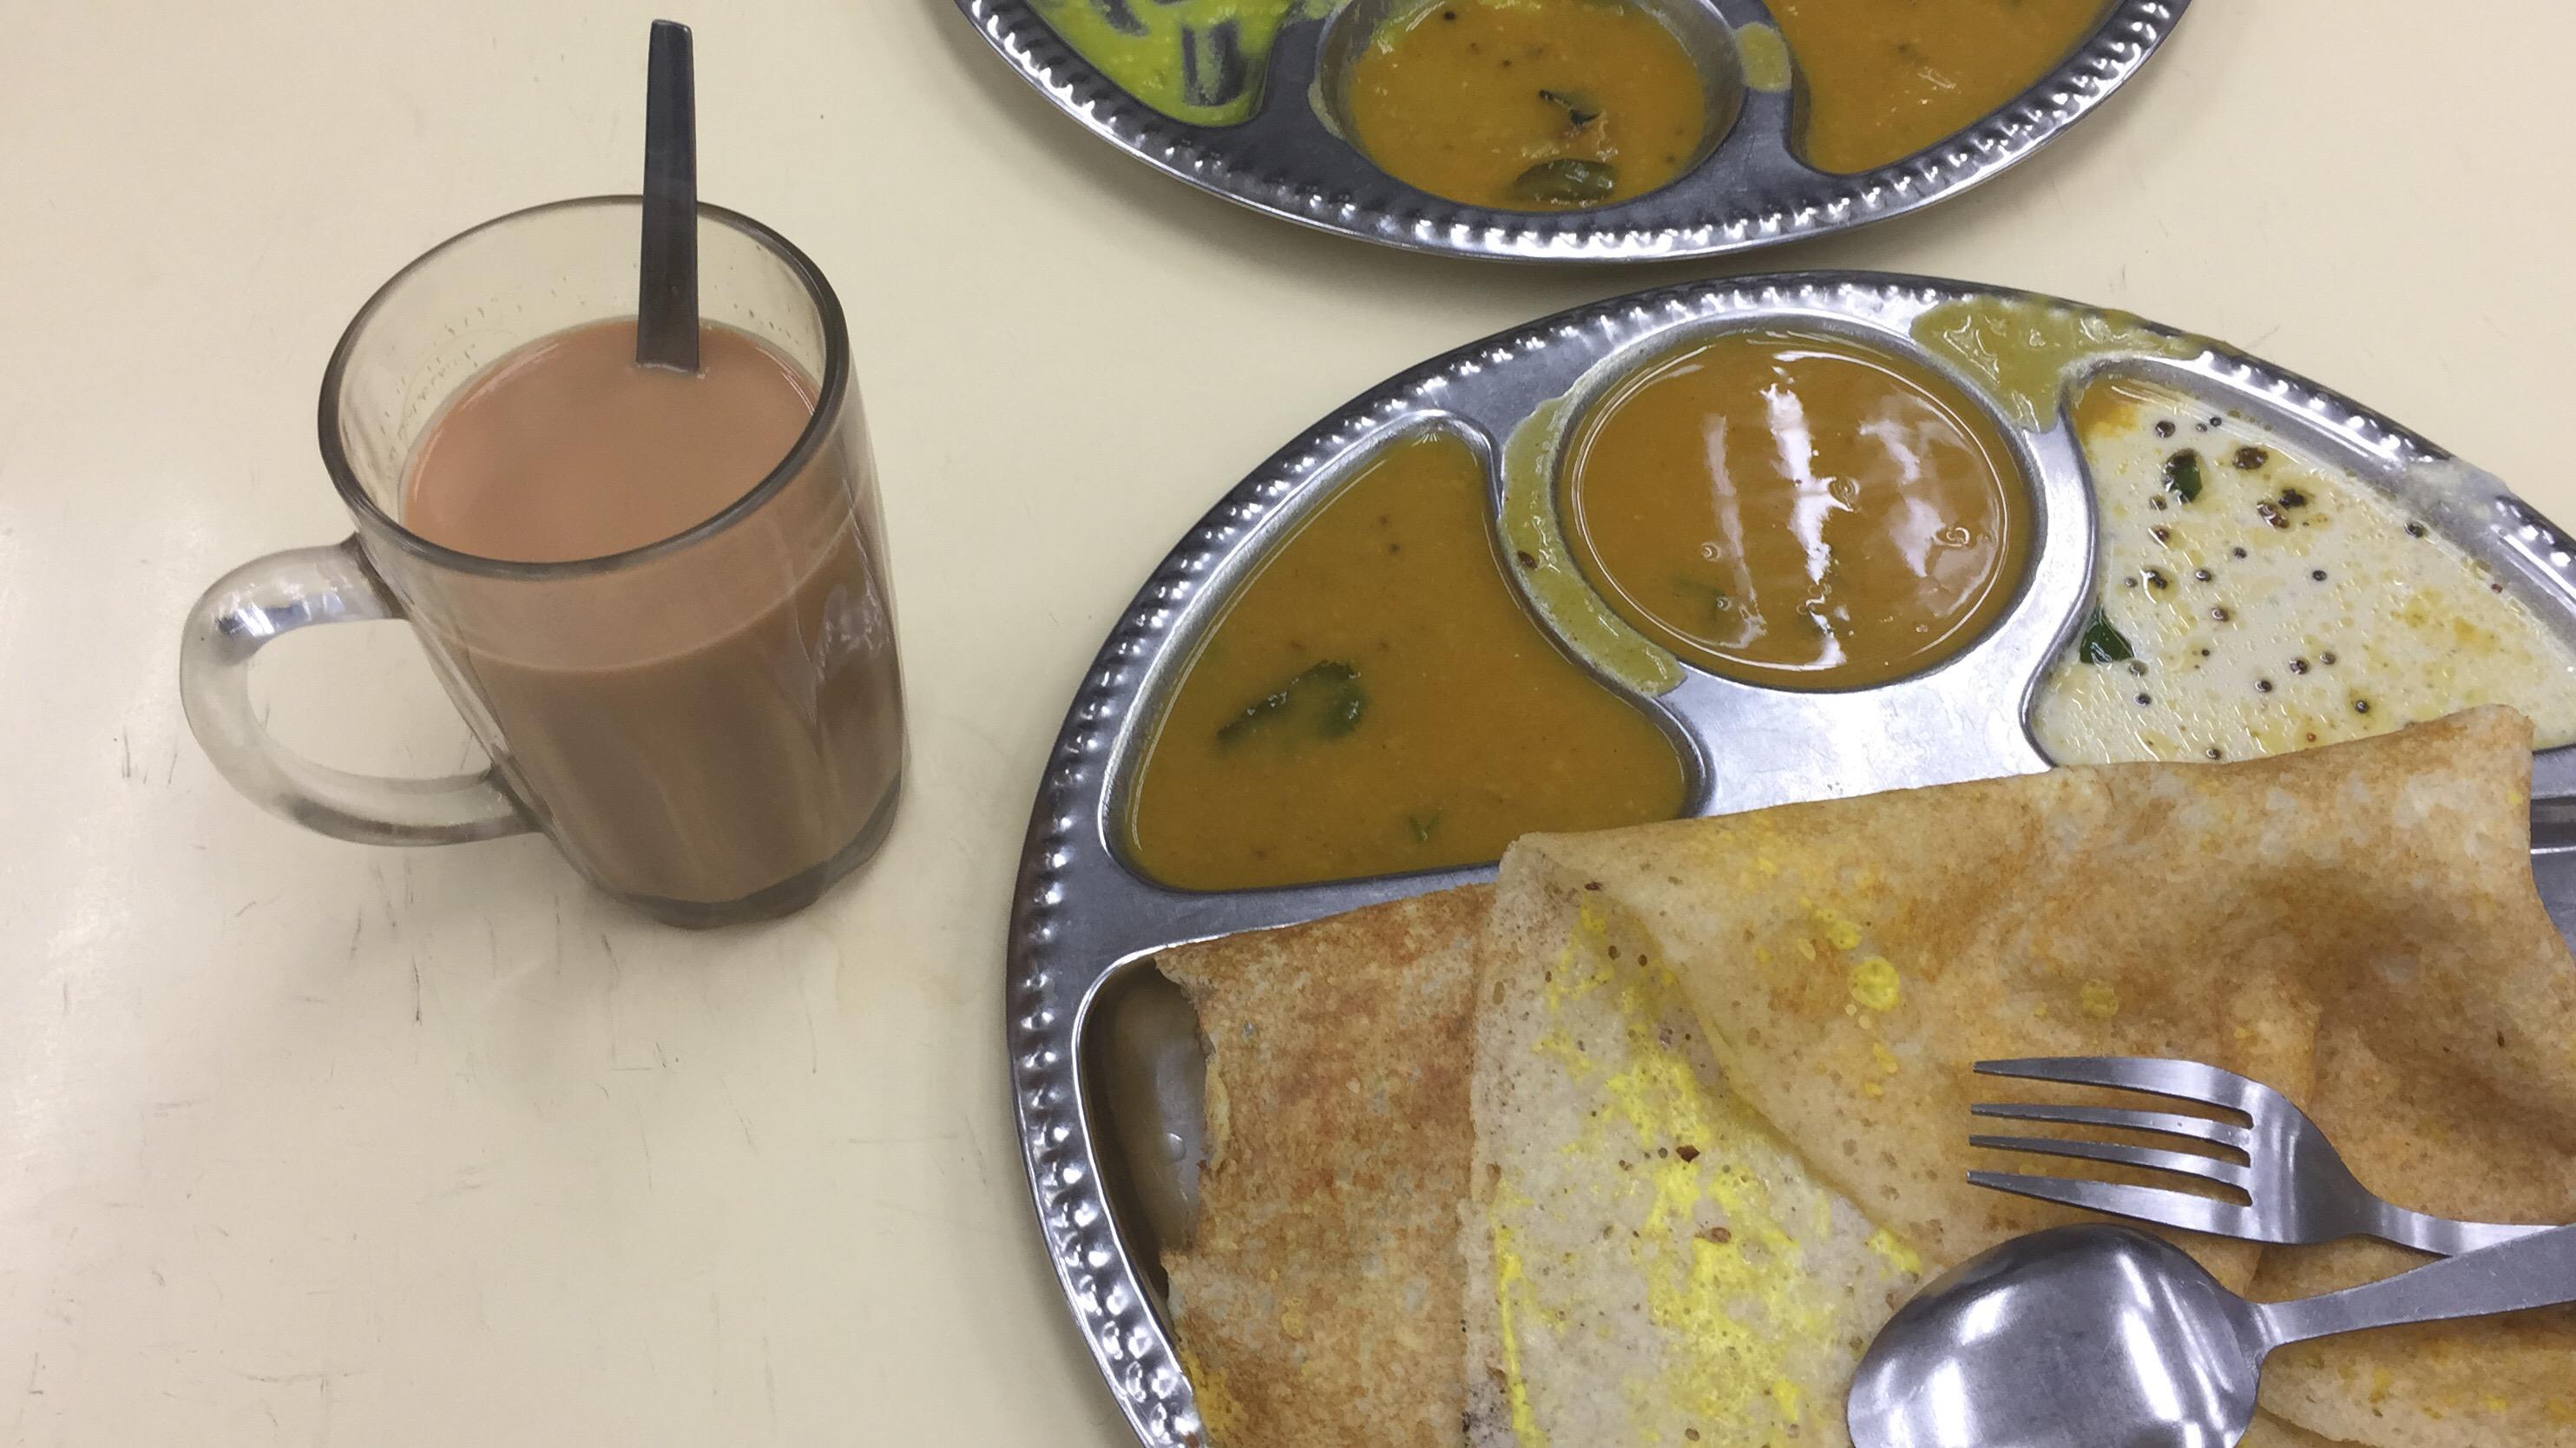 Roti canai and milo meal